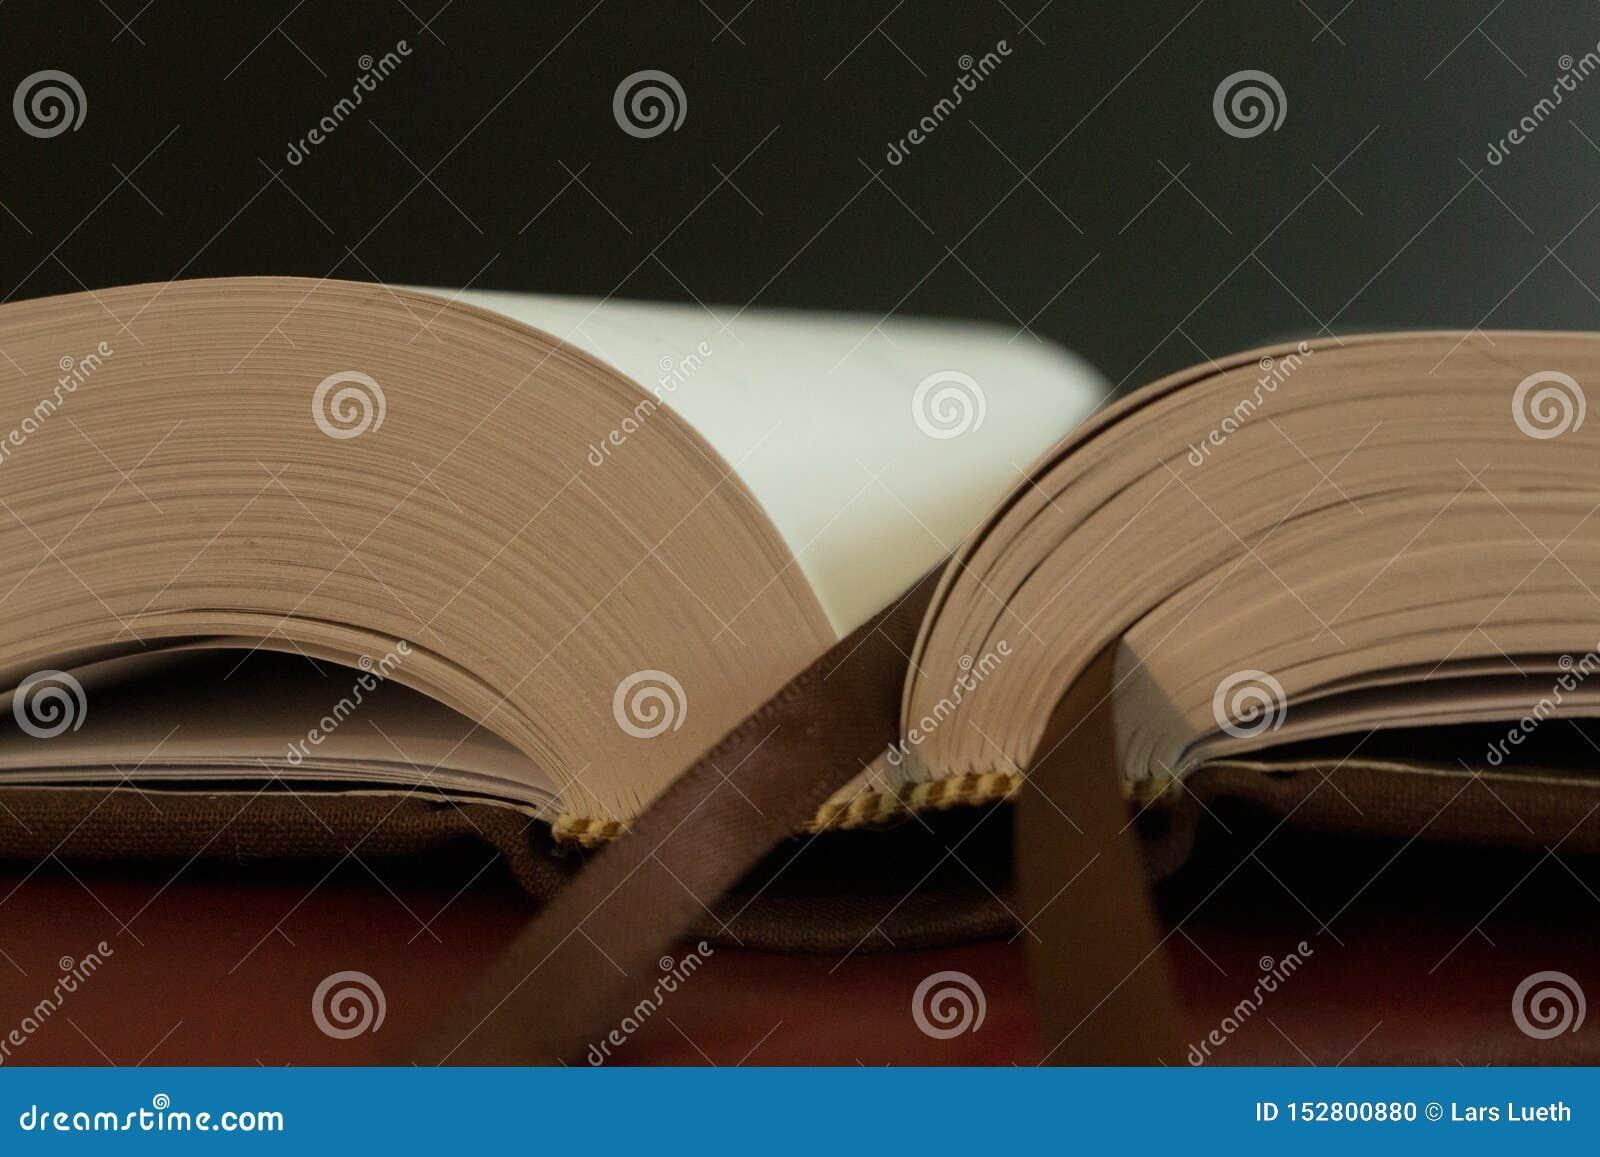 Ένας σελιδοδείκτης στις σελίδες ενός ανοικτού βιβλίου